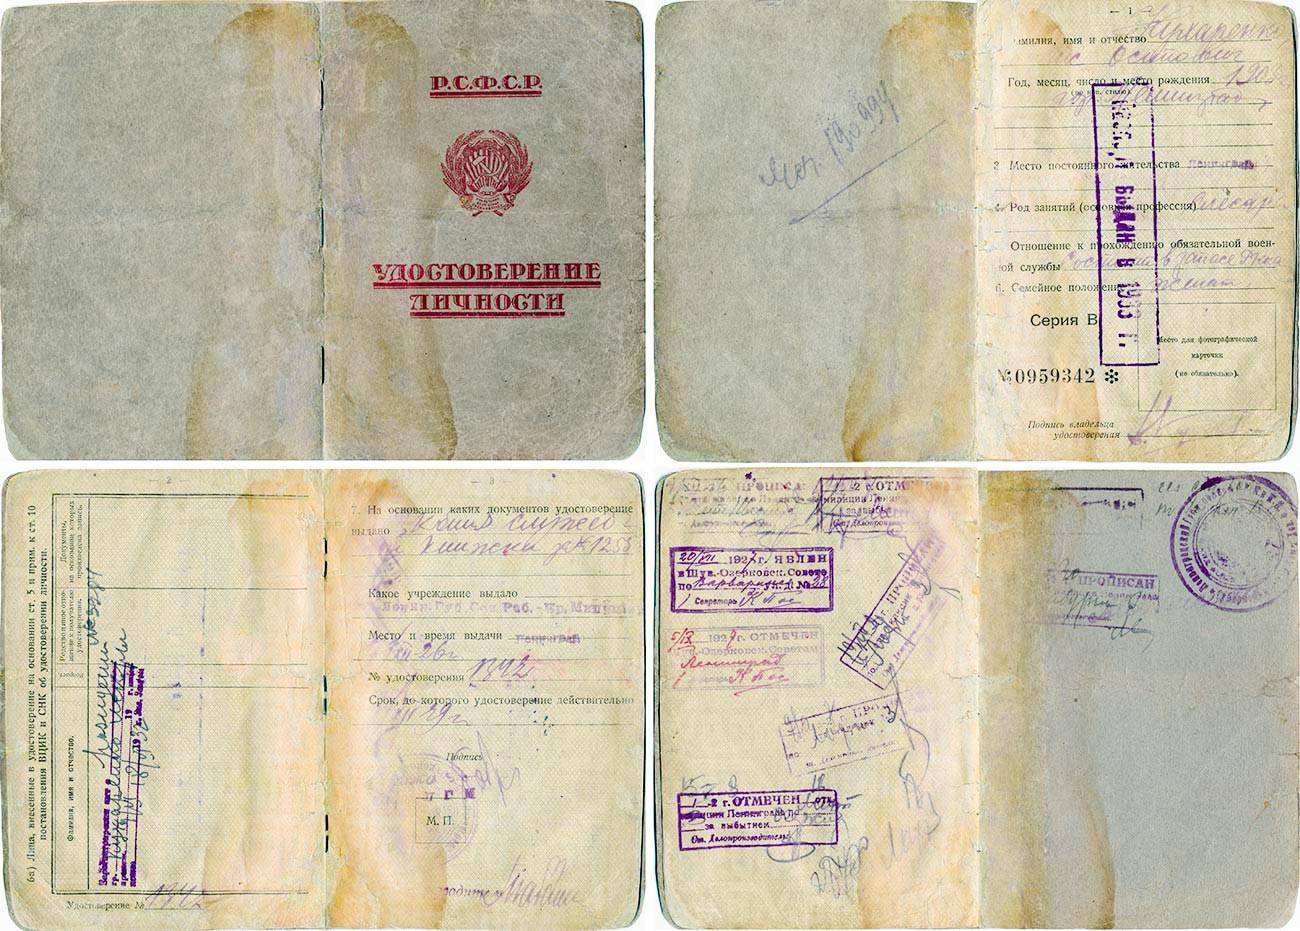 Osobni dokumenti iz 1926. godine s pečatom o mjestu boravka.